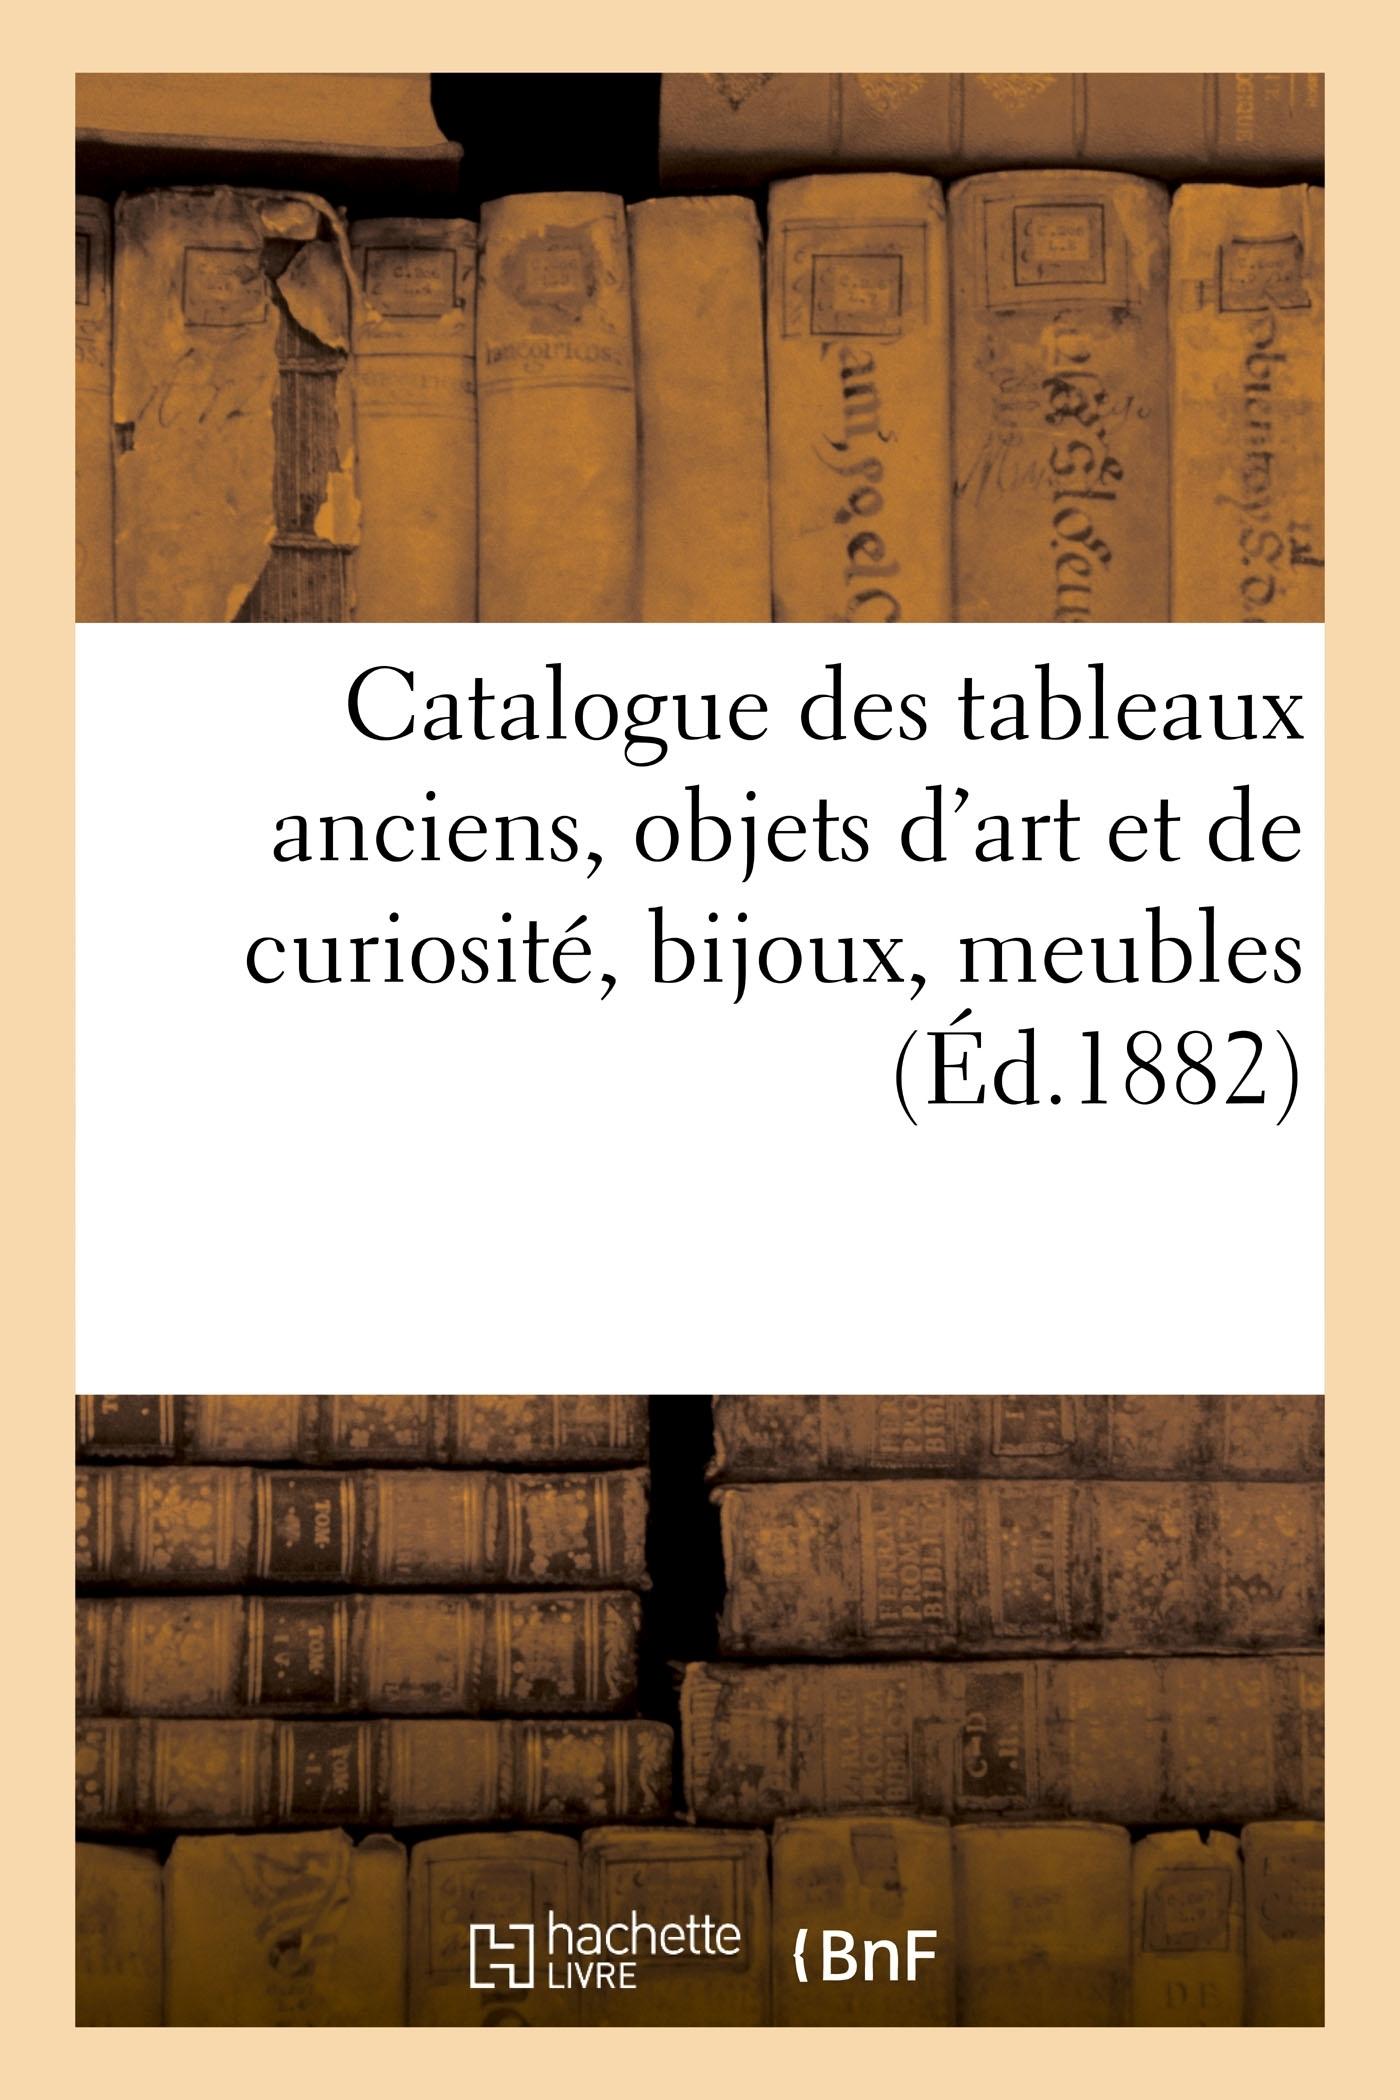 CATALOGUE DES TABLEAUX ANCIENS, OBJETS D'ART ET DE CURIOSITE, BIJOUX, MEUBLES - APPARTENANT A MME VV